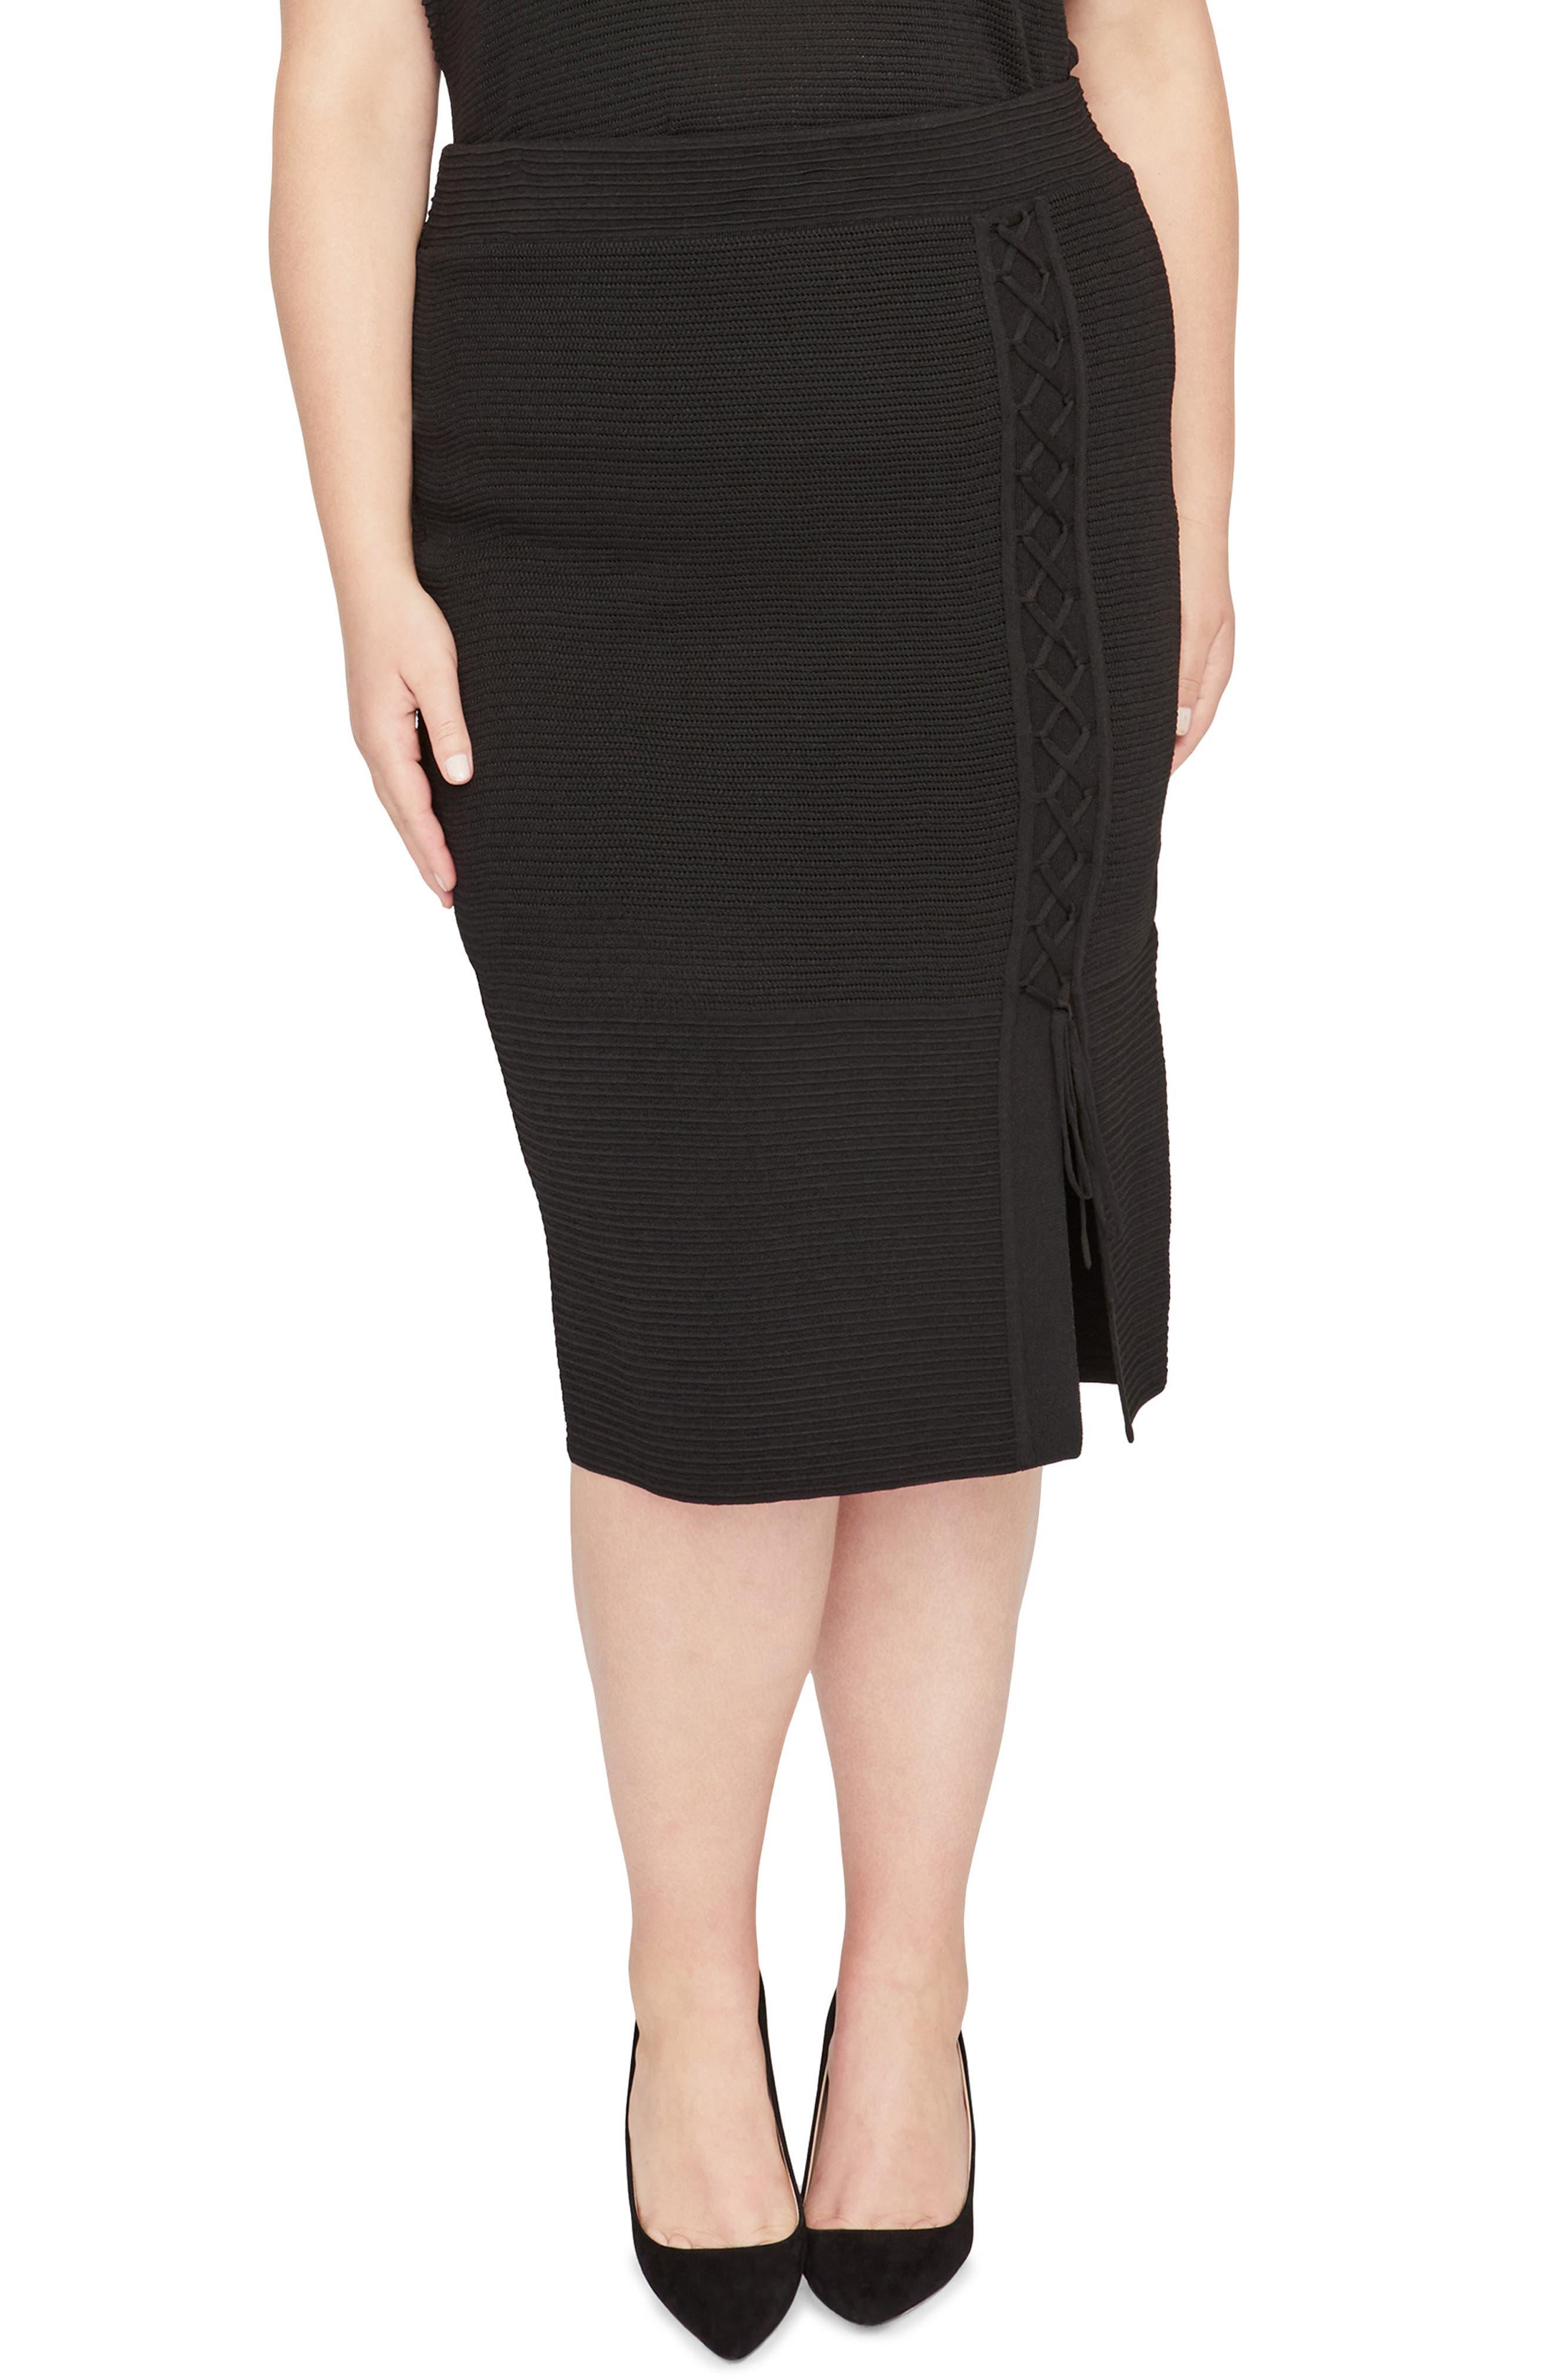 Rachel Roy Lace Up Pencil Skirt,                             Main thumbnail 1, color,                             001